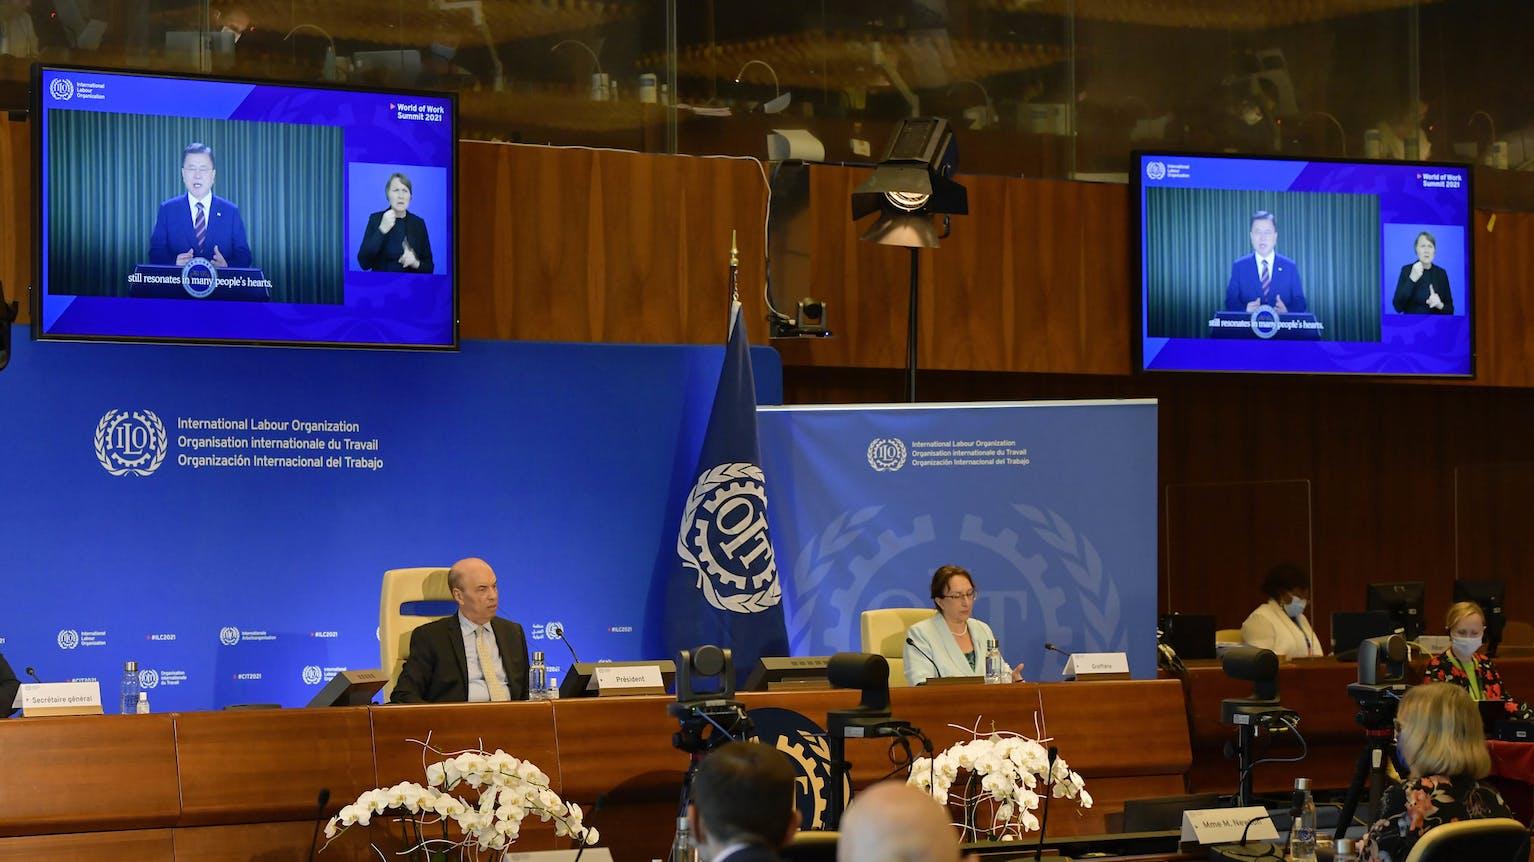 Allocution du Président sud-coréen Moon Jae-in sur écran géant dans le cadre du Sommet du monde du travail de l'OIT.